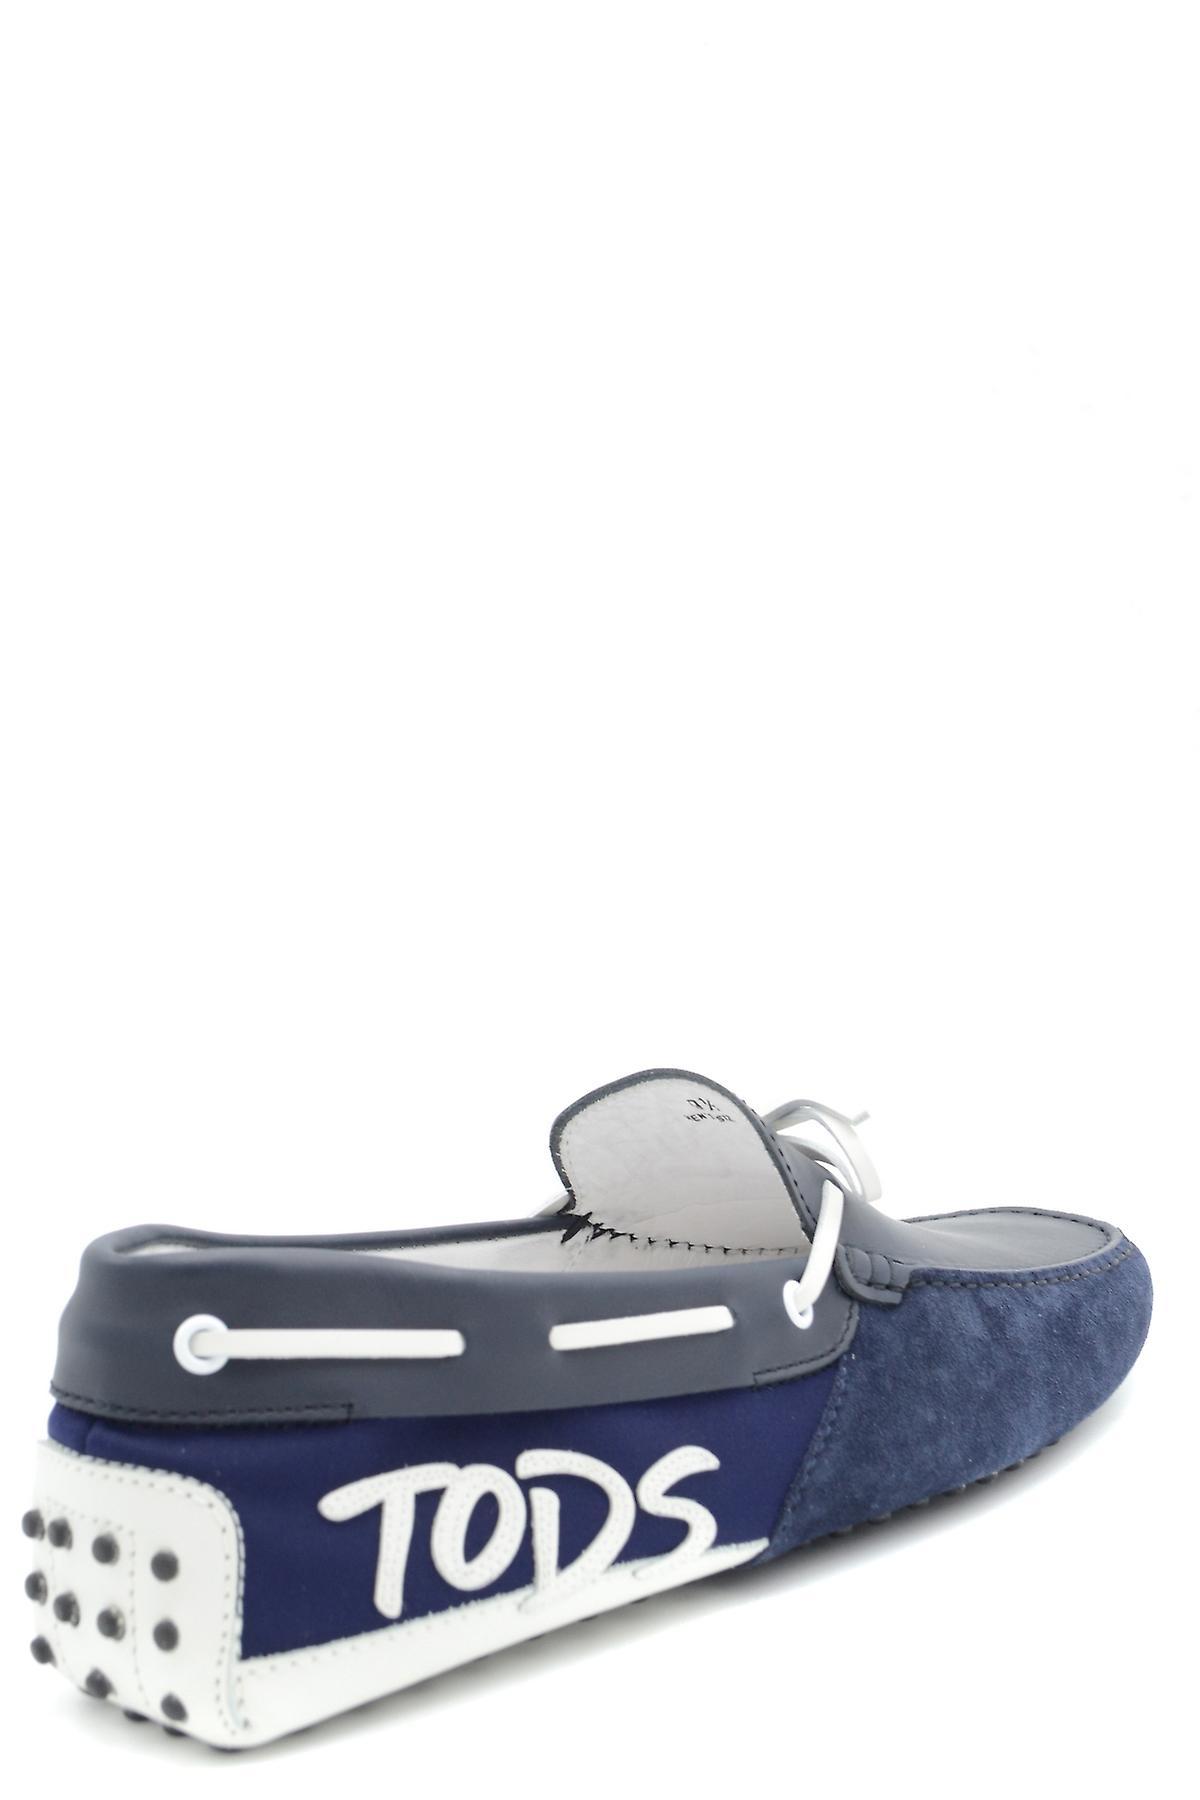 Tod's Ezbc025017 Men's Blue Suede Loafers - Gratis verzending wxpdtW